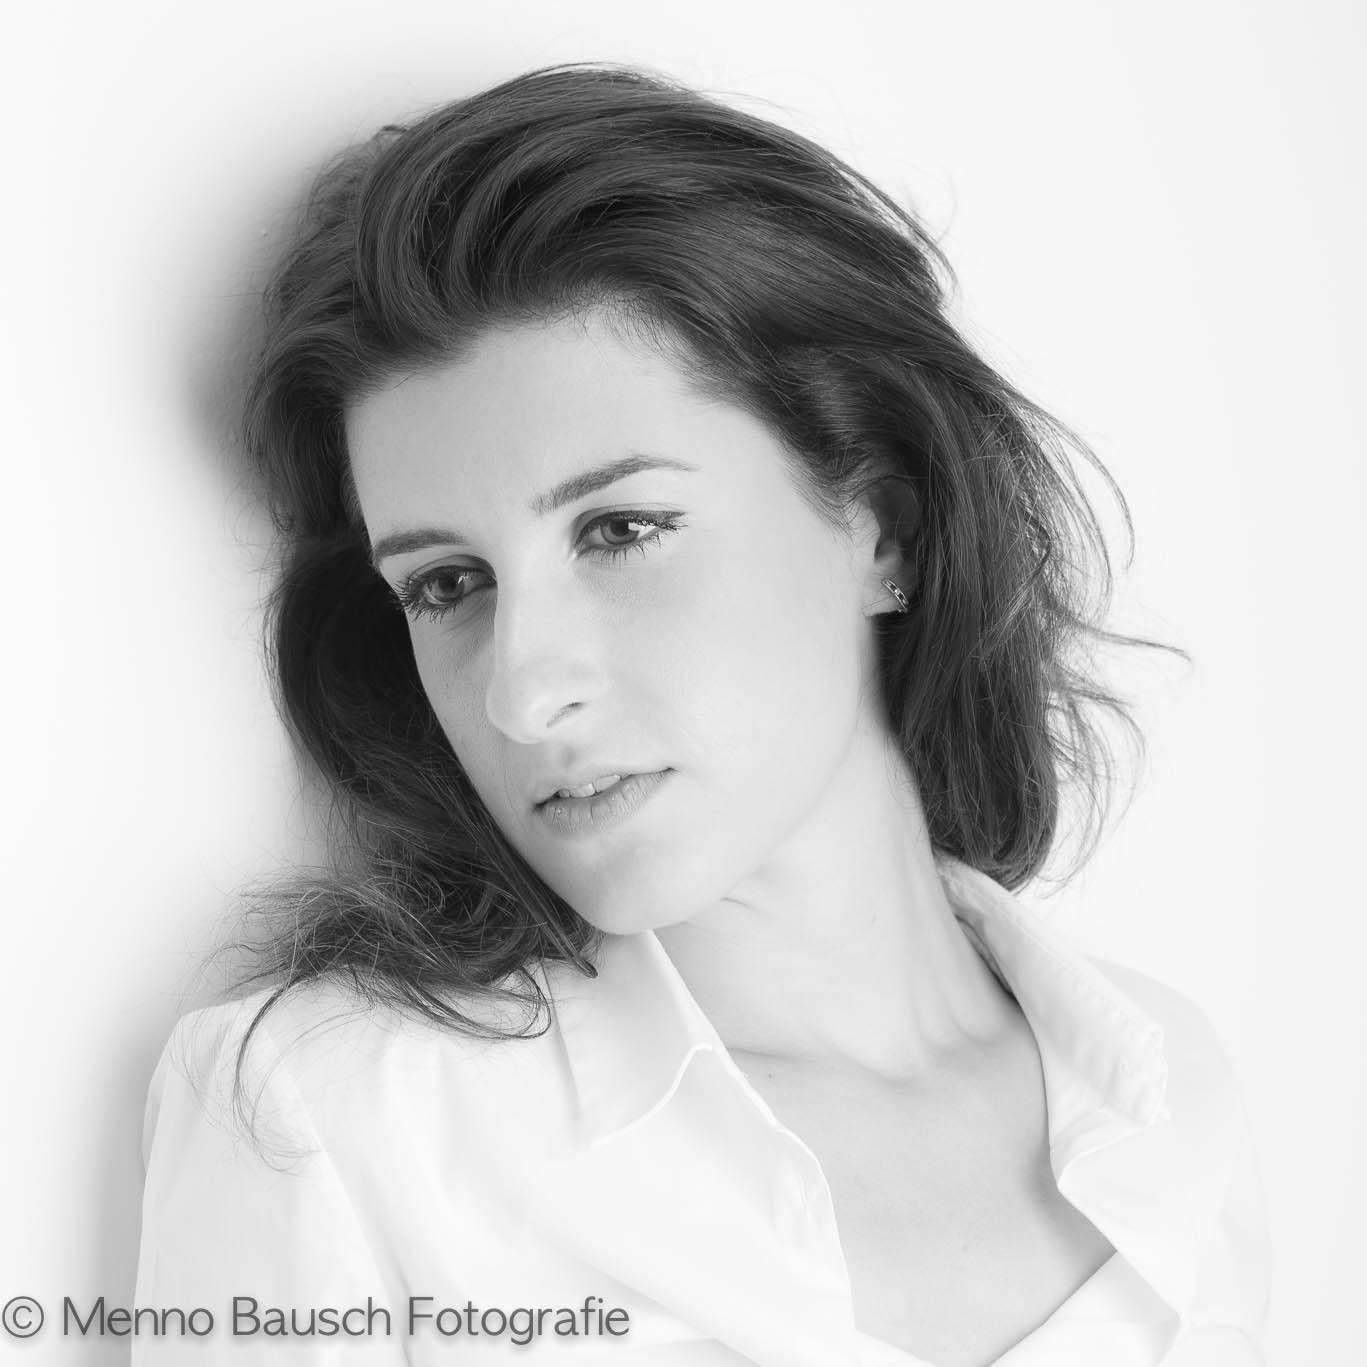 Menno Bausch Fotografie72